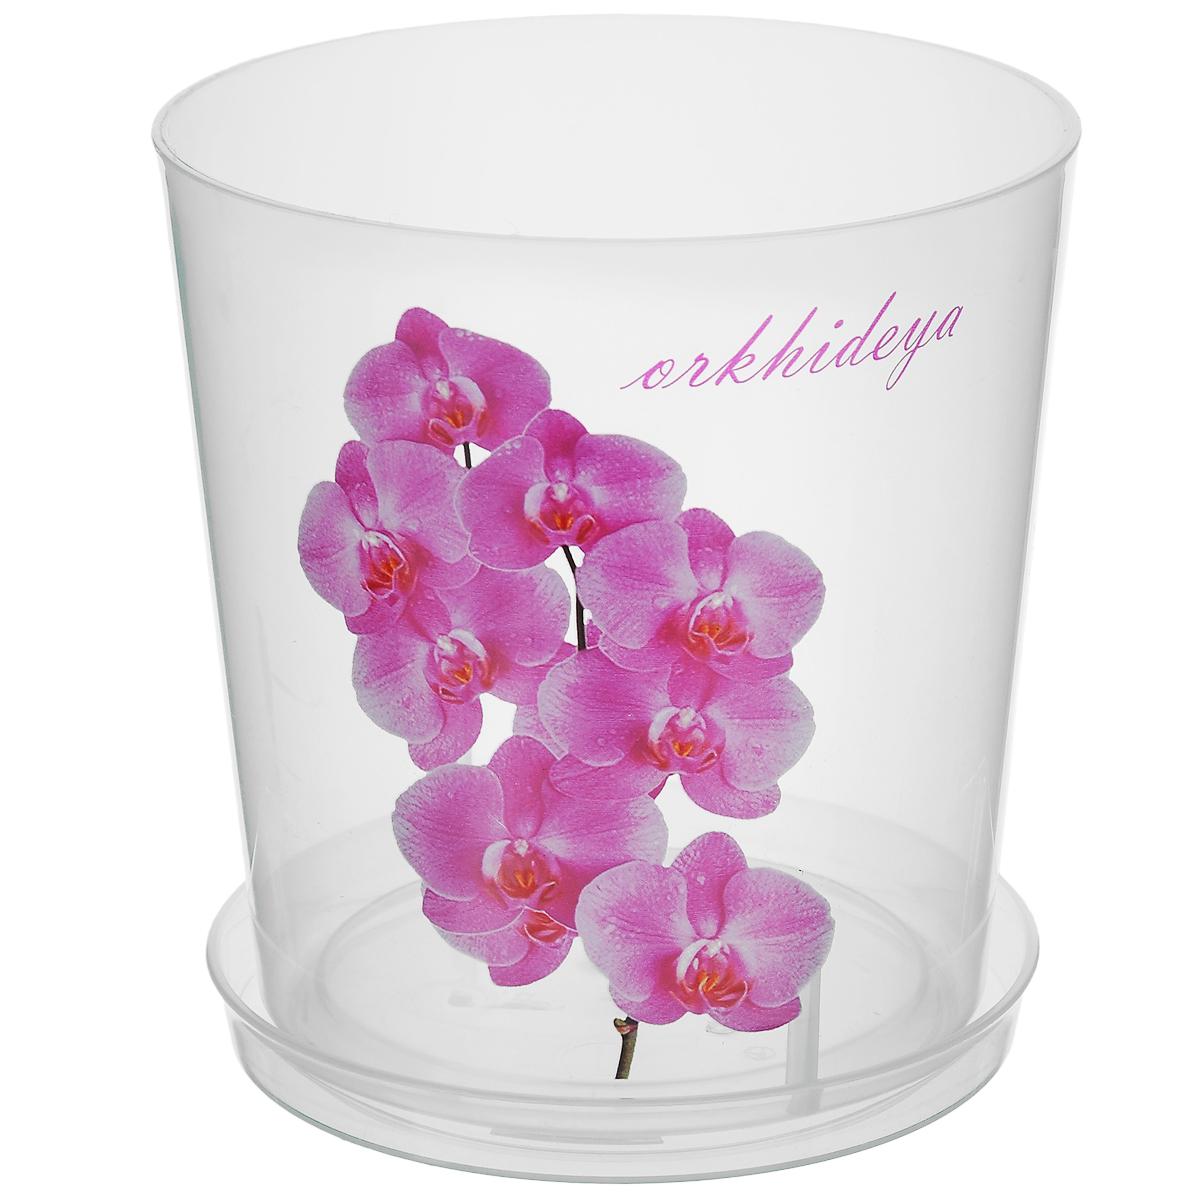 Горшок для орхидей Альтернатива, цвет: белый, 1,8 лМ1604Горшок для орхидей Альтернатива изготовлен из прочного прозрачного пластика. Внешние стенки оформлены изысканным изображением розовых цветков орхидеи и надписью Orkhideya. Горшок оснащен поддоном. Диаметр горшка (по верхнему краю): 14 см. Высота горшка: 15 см.